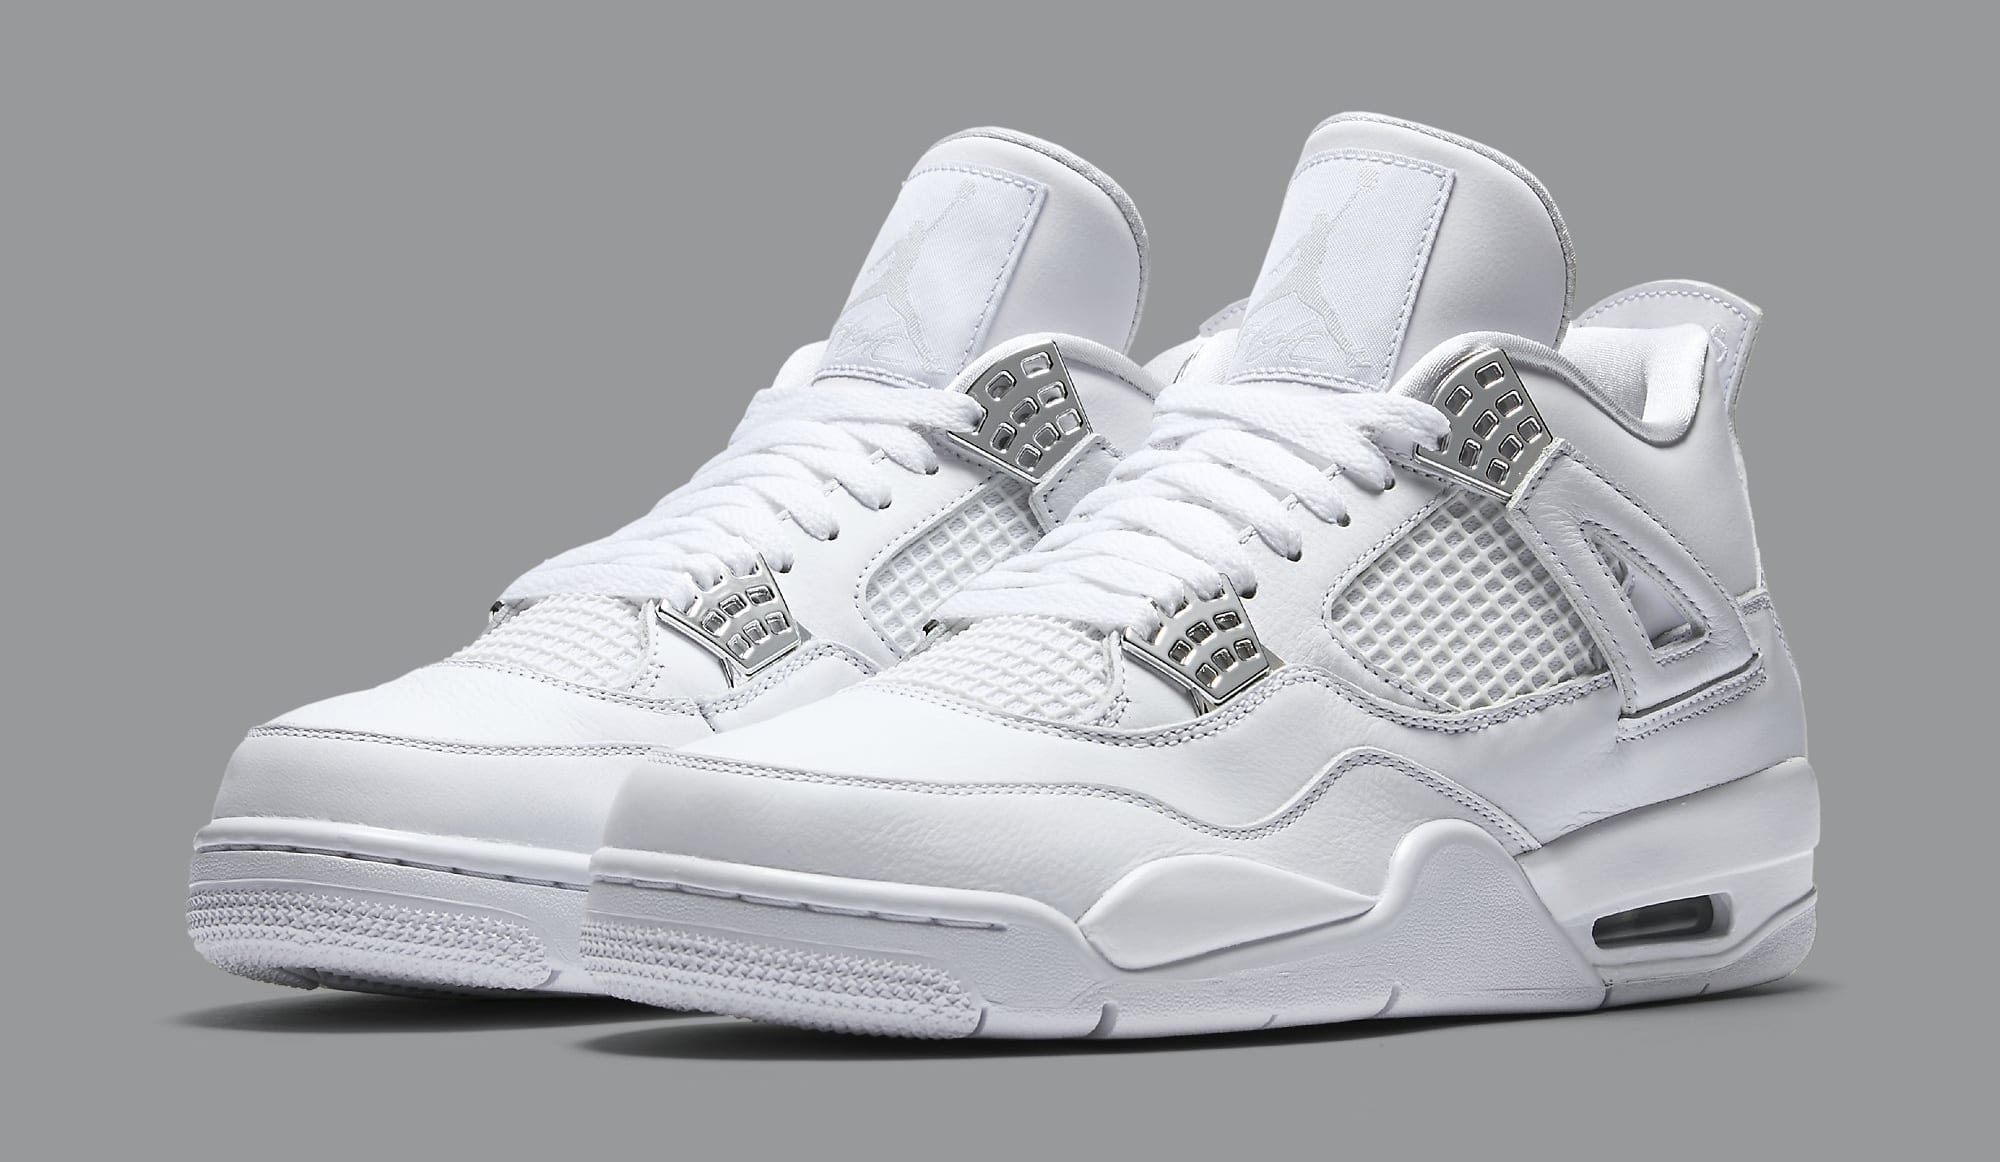 Pure Air Jordan dinero 4 308497-100